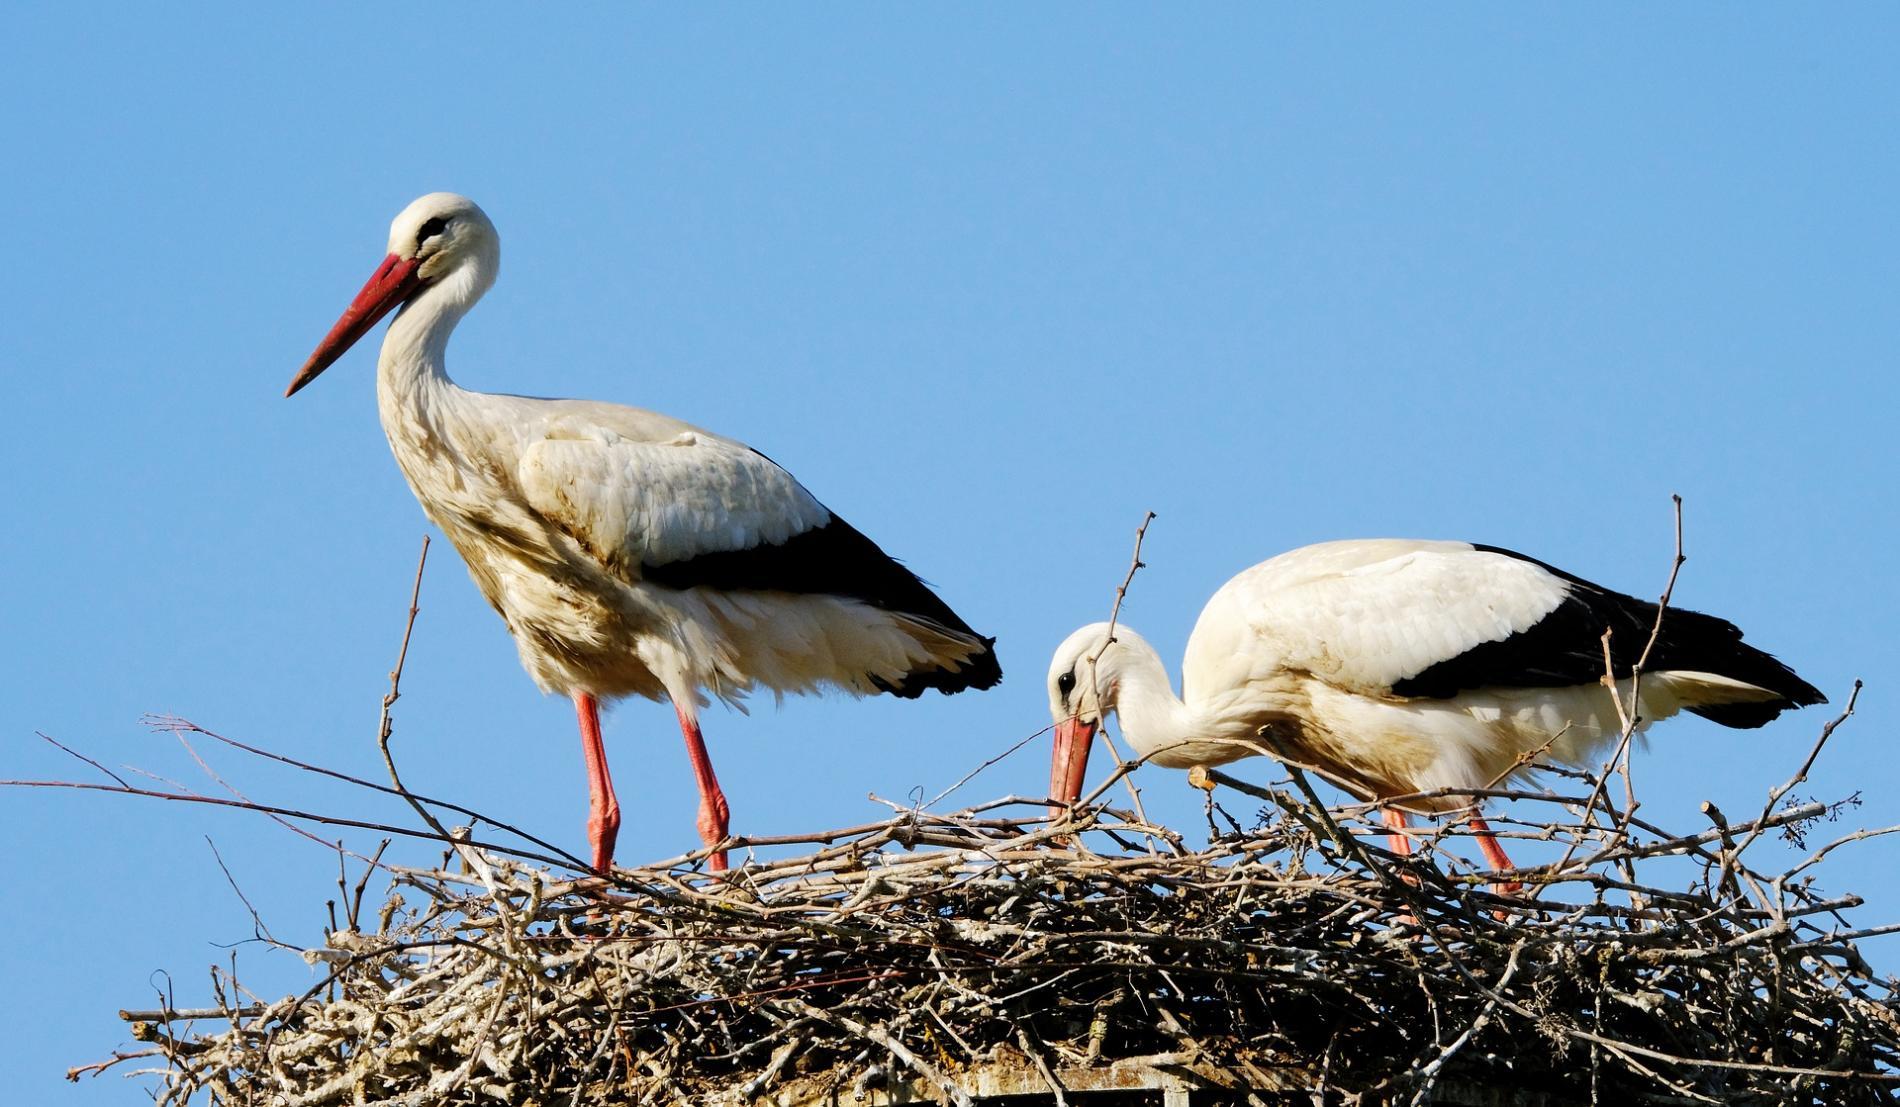 Naturoparc Stork and Otter Park